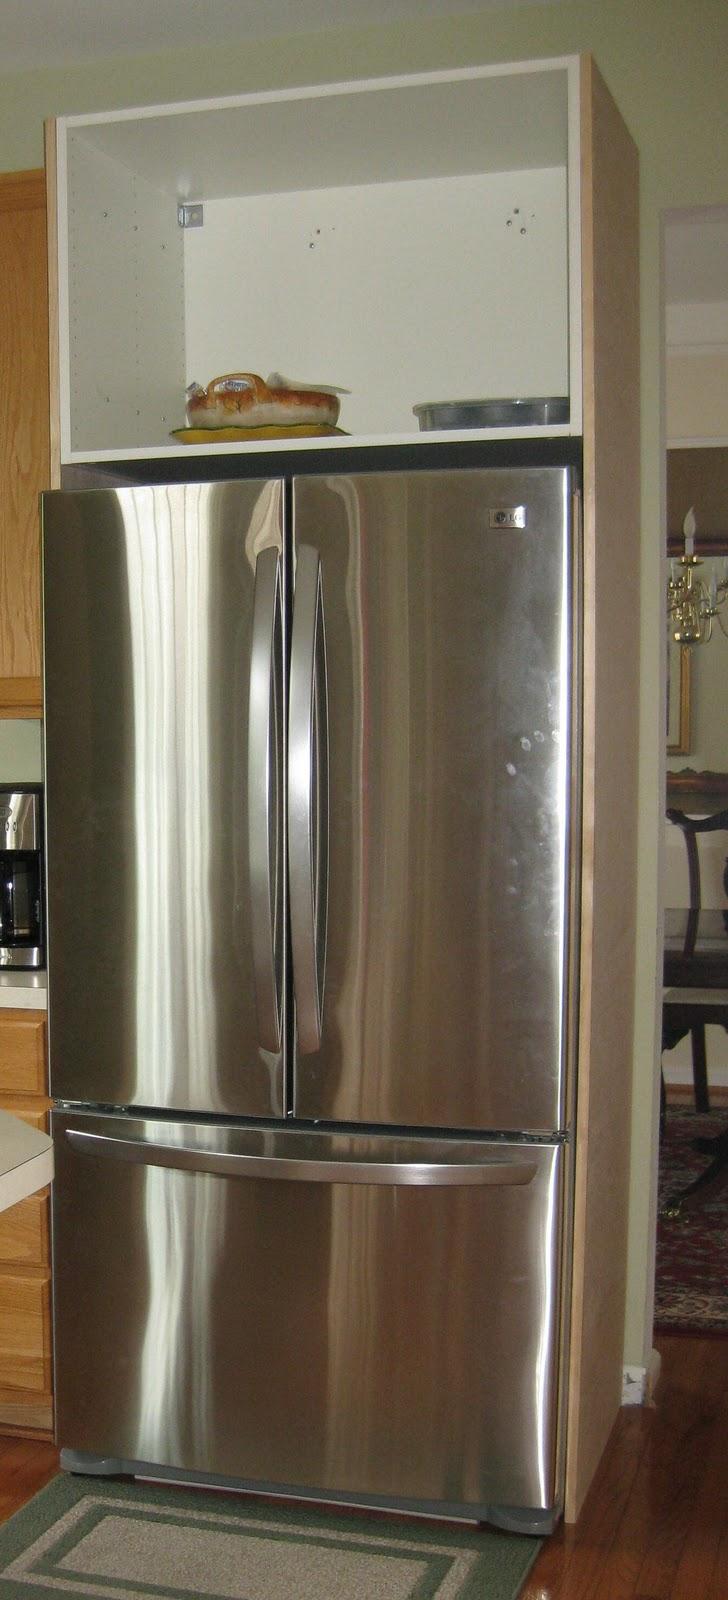 Remodelando la Casa: Building the Refrigerator Enclosure